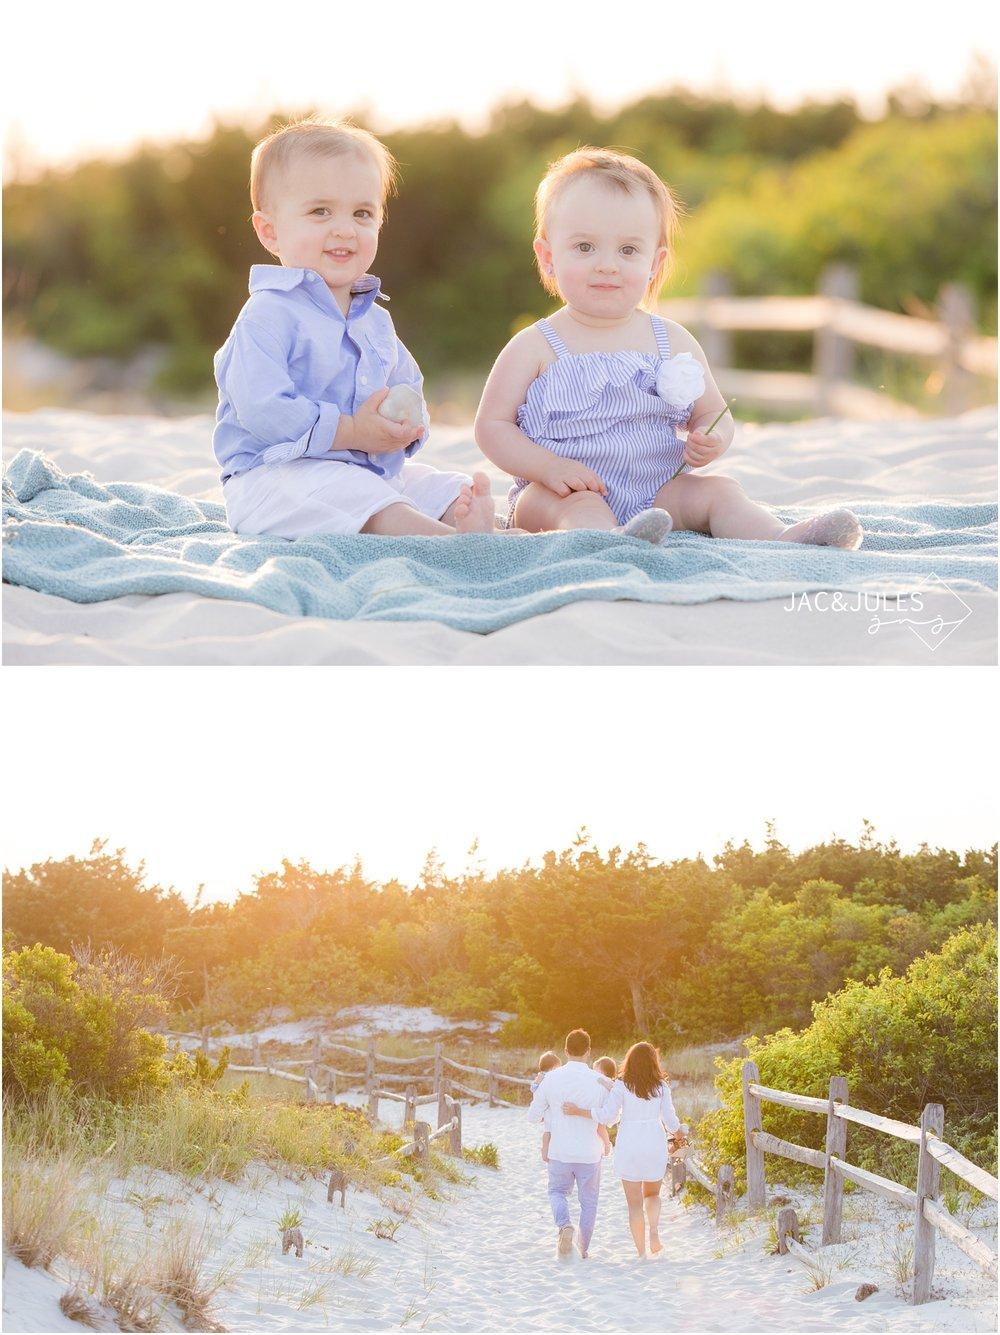 Twins photos on the beach in Seaside Park, NJ.